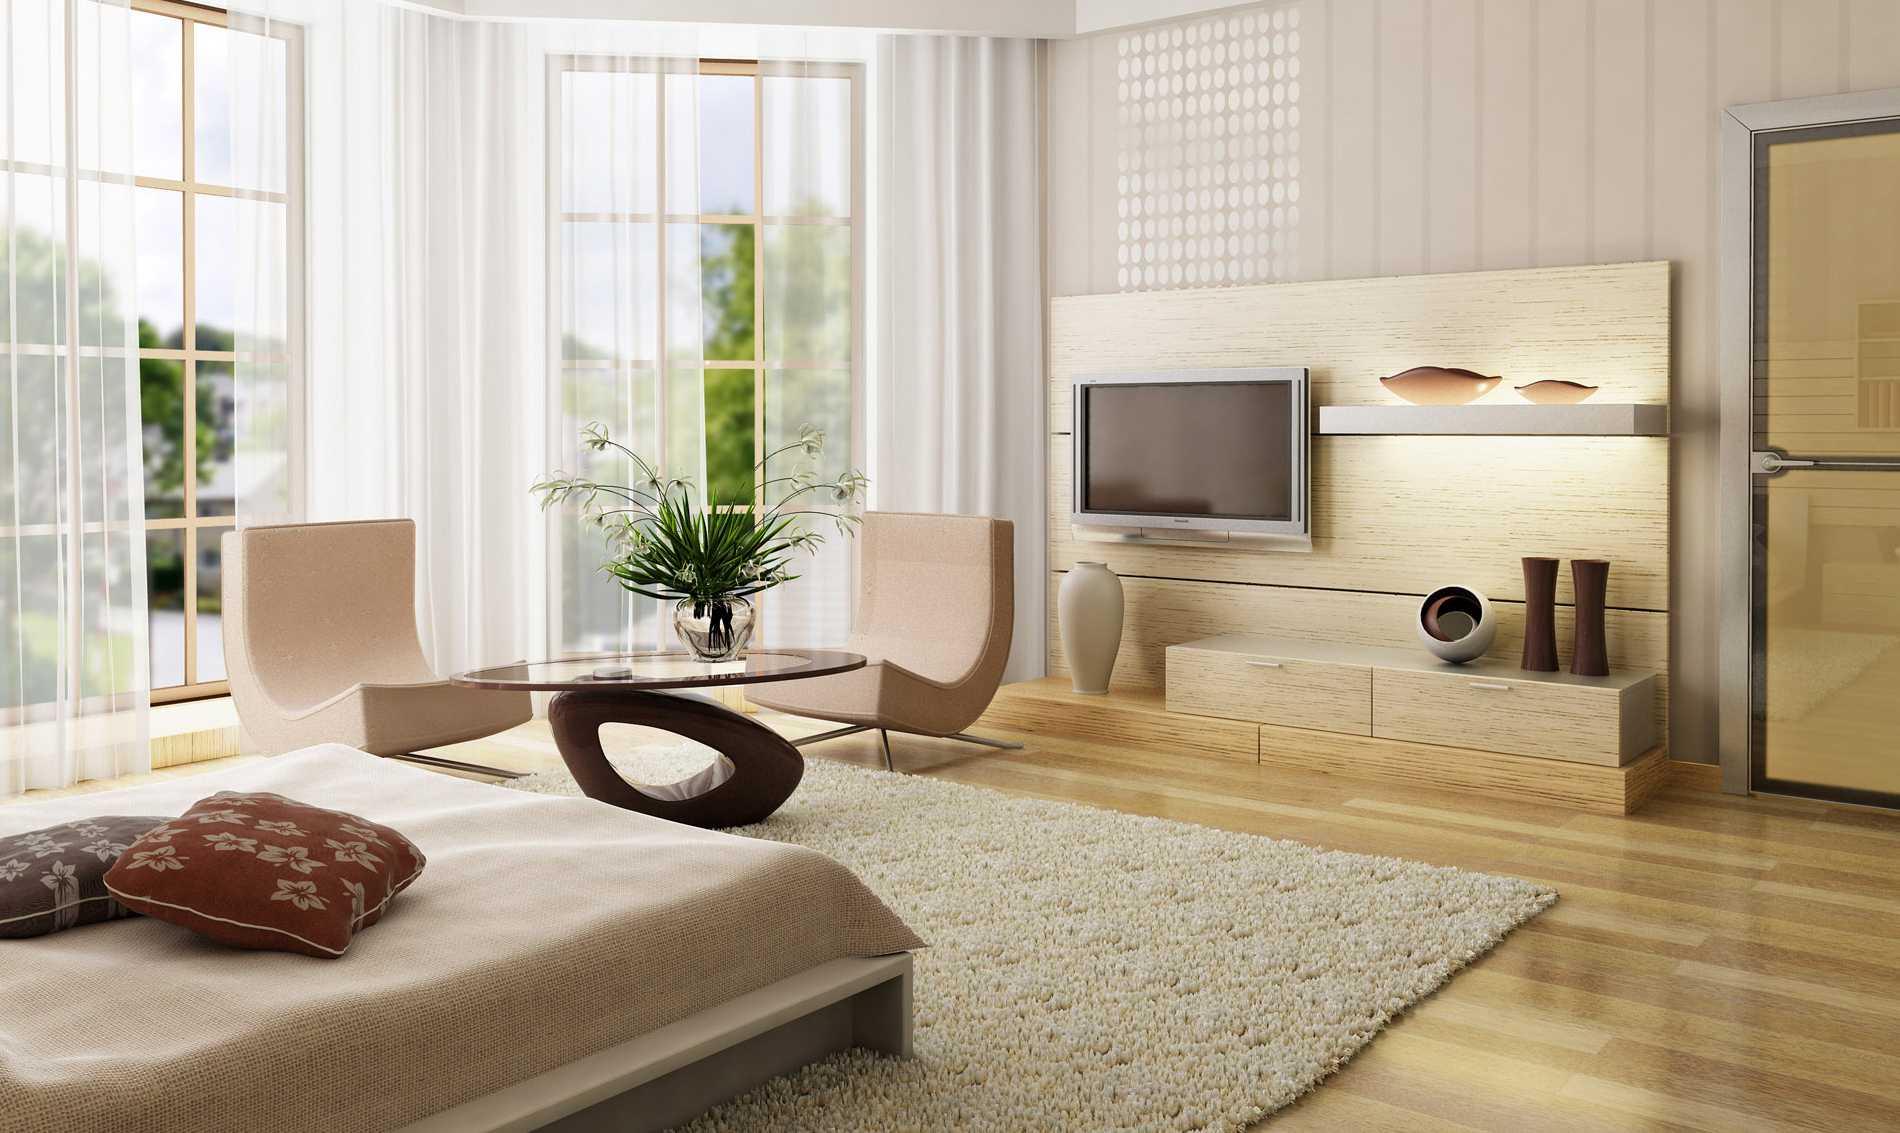 Habitación en tonos blancos